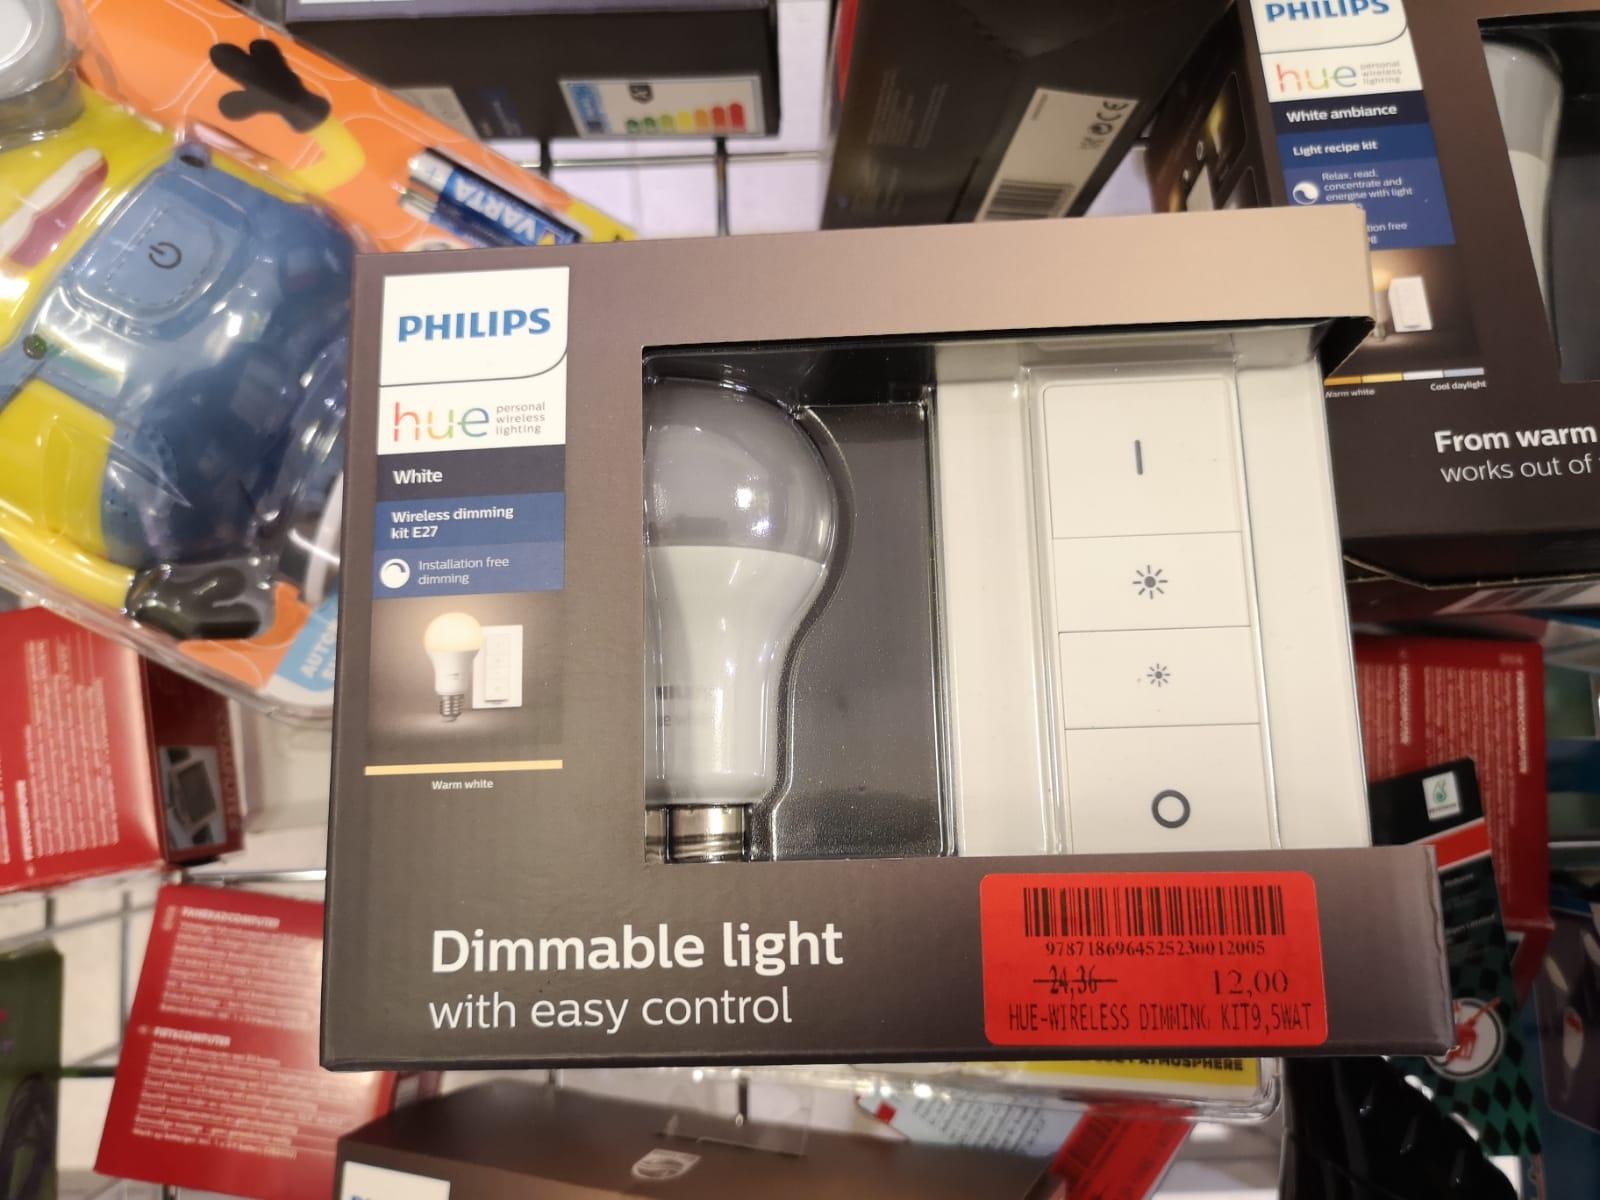 [LOKAL] Philips Hue LED White Amb. Light Recipe Kit inkl. Dimmschalter, E27 (Marktkauf Bremen)